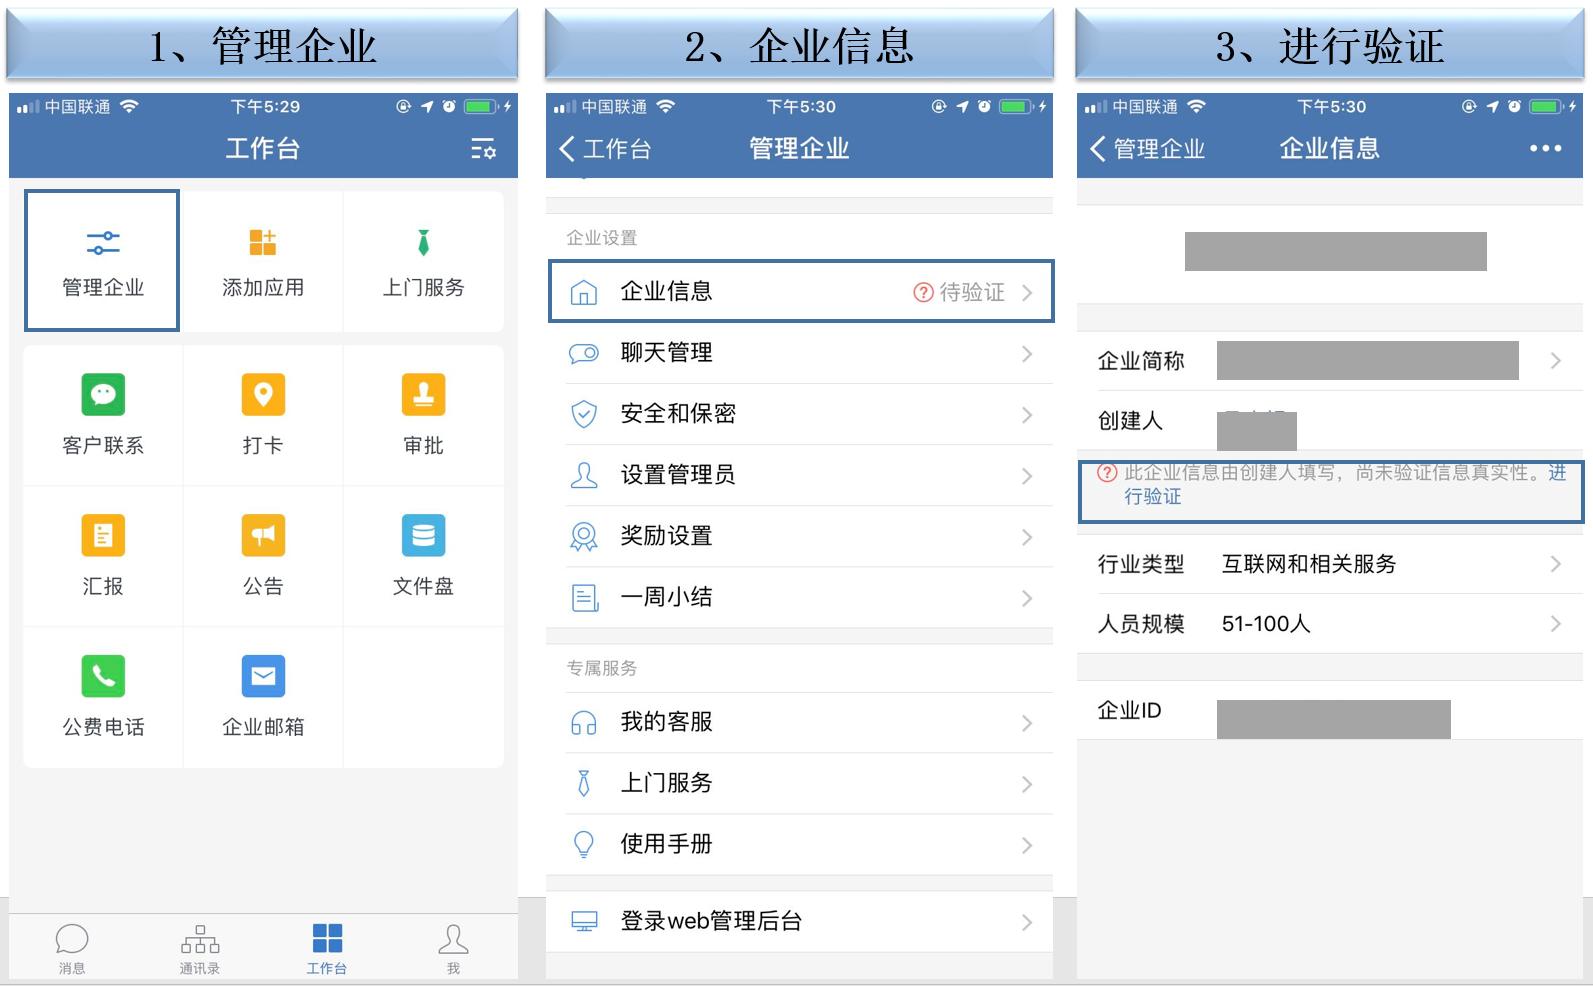 企业微信认证手机端申请流程(其他组织)